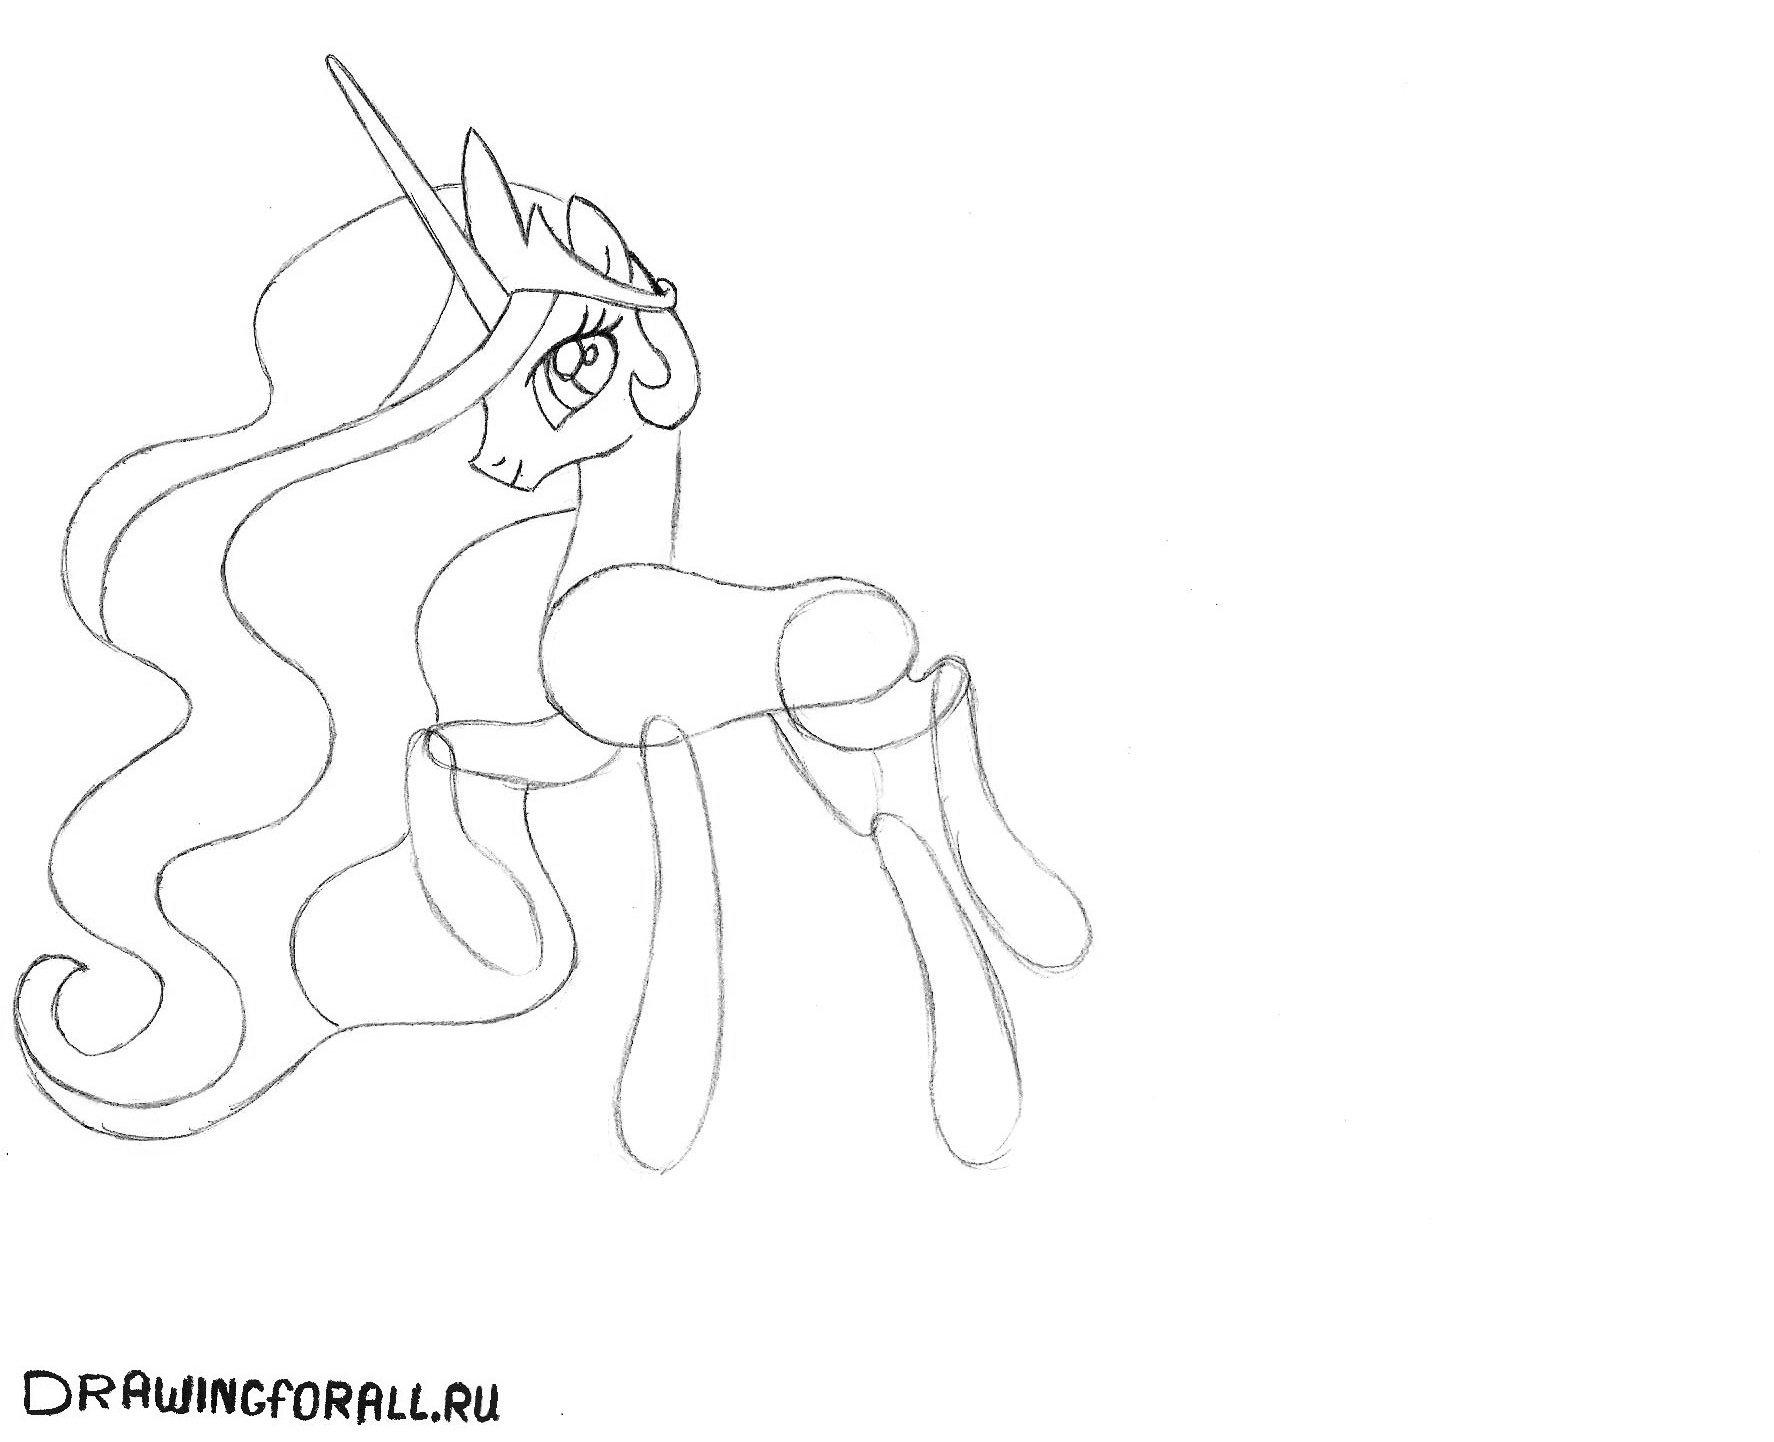 Принцесса селестия как нарисовать